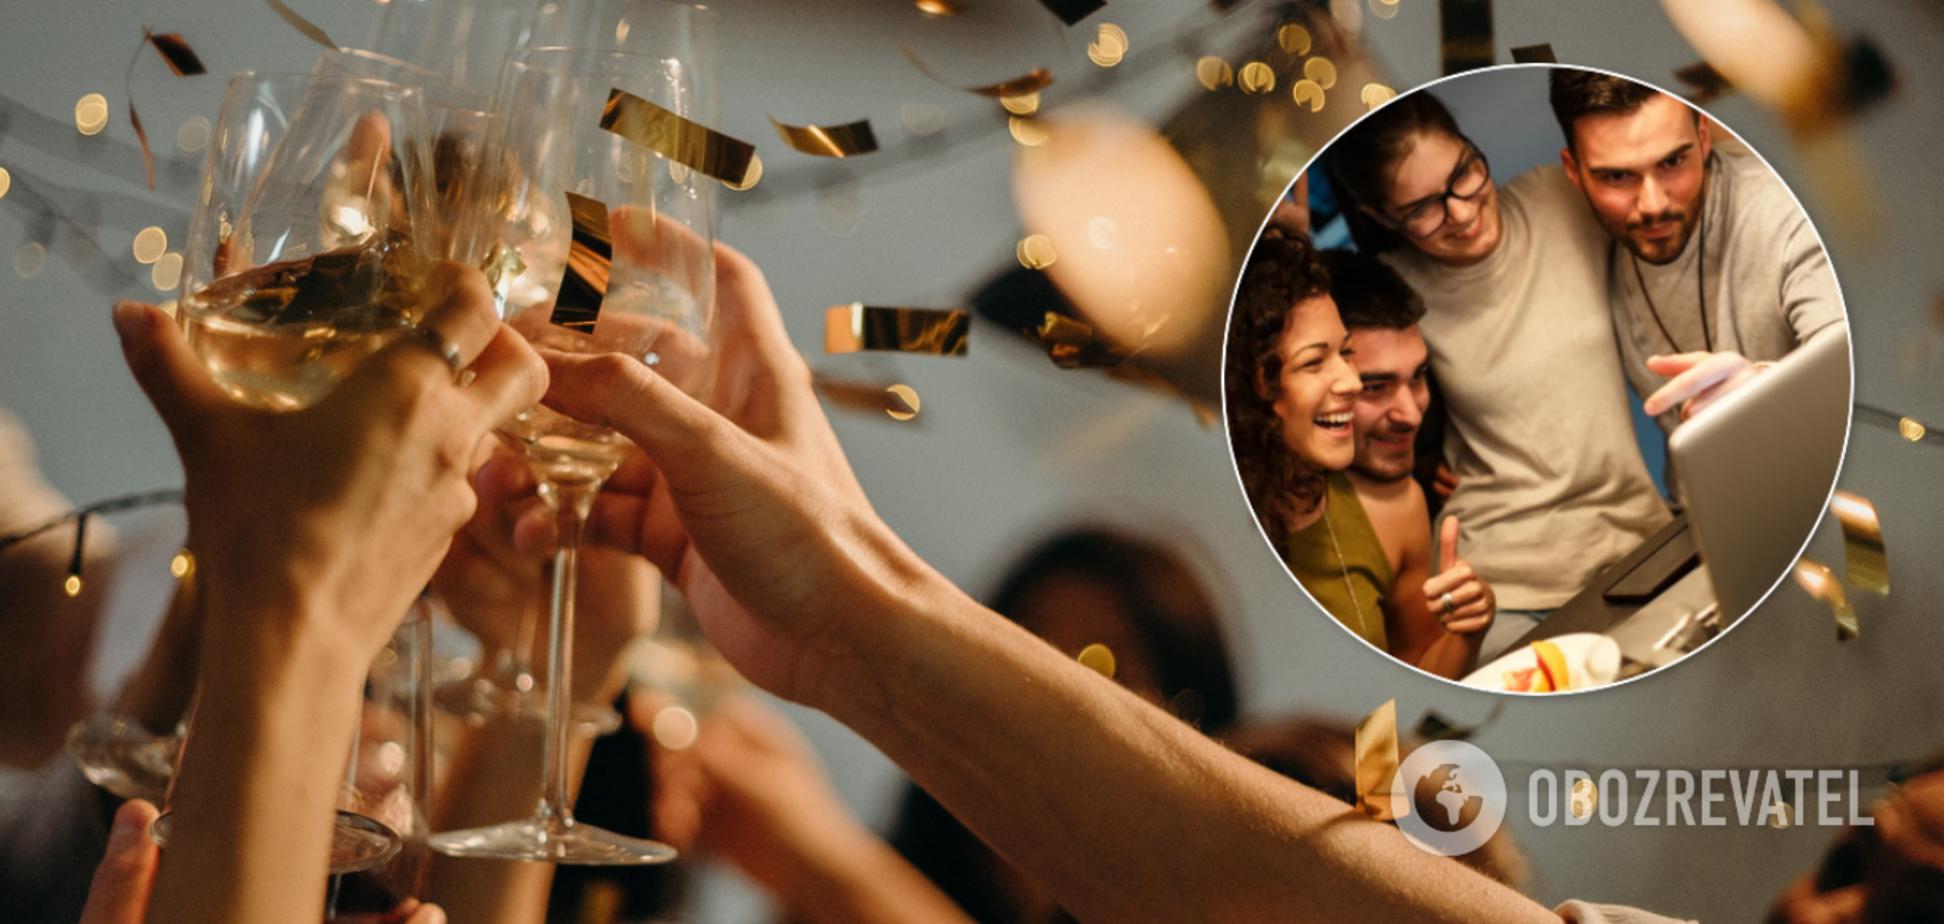 Онлайн-вечеринка: как устроить празднование Нового года дома